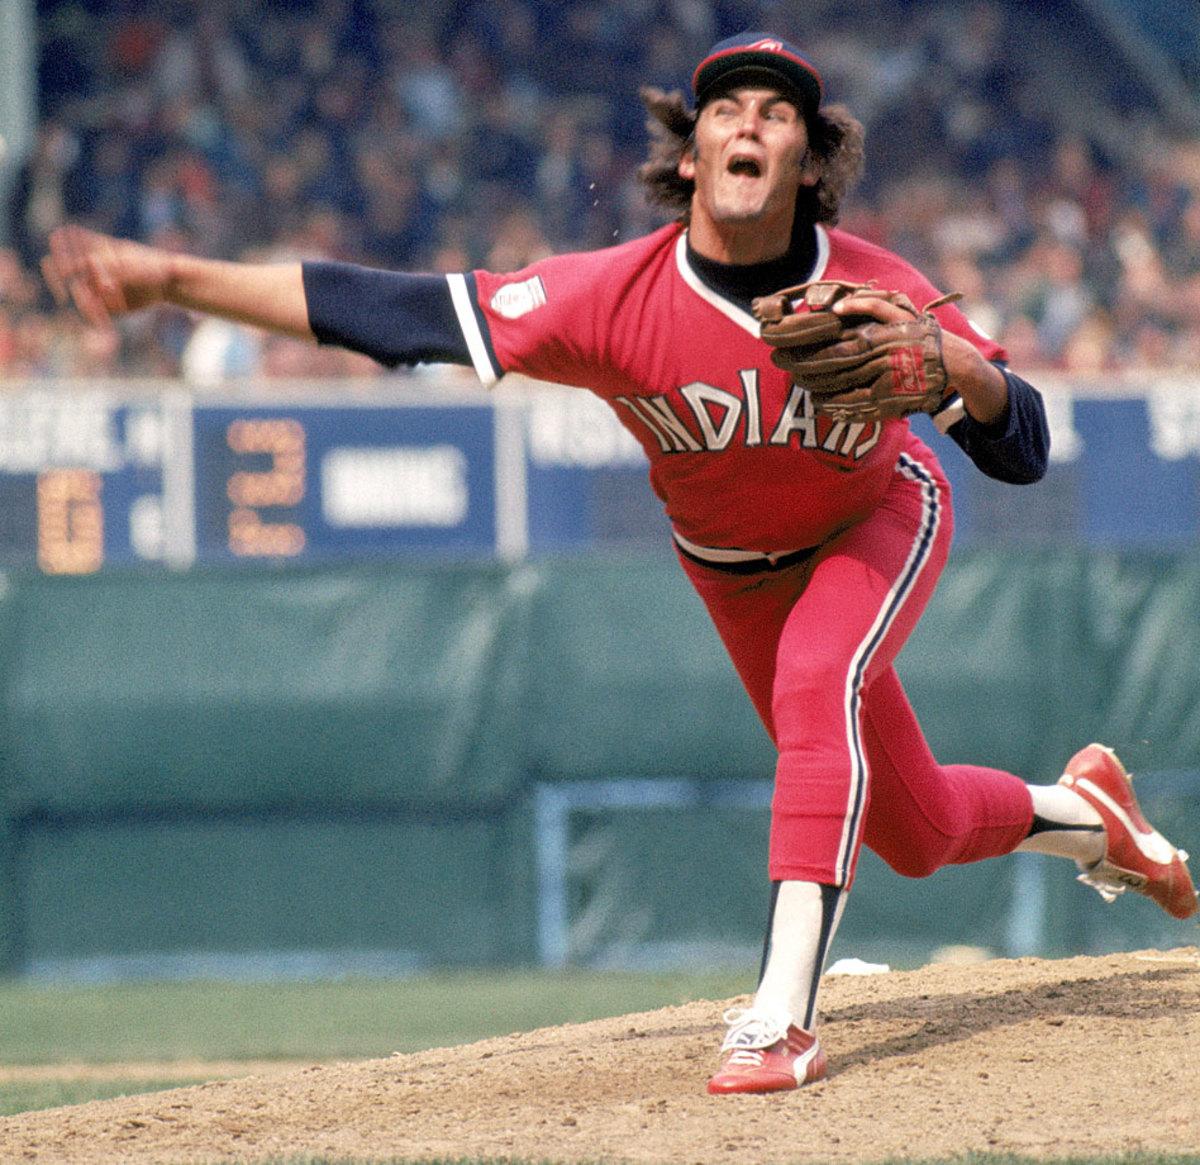 Cleveland-Indians-uniform-1976-Dennis-Eckersley.jpg